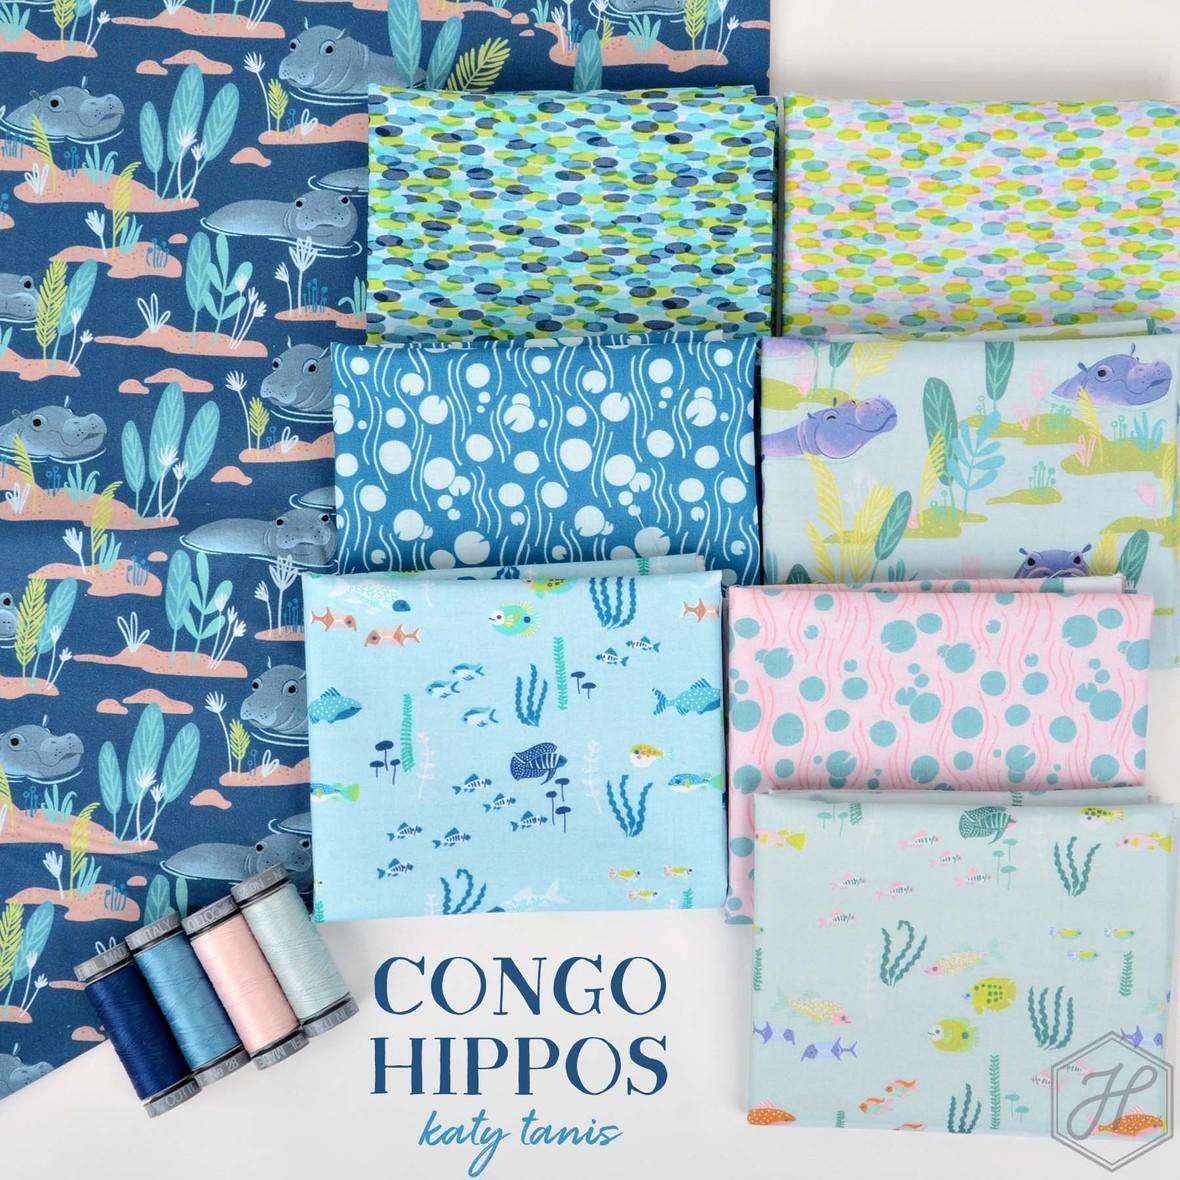 Congo Hippos